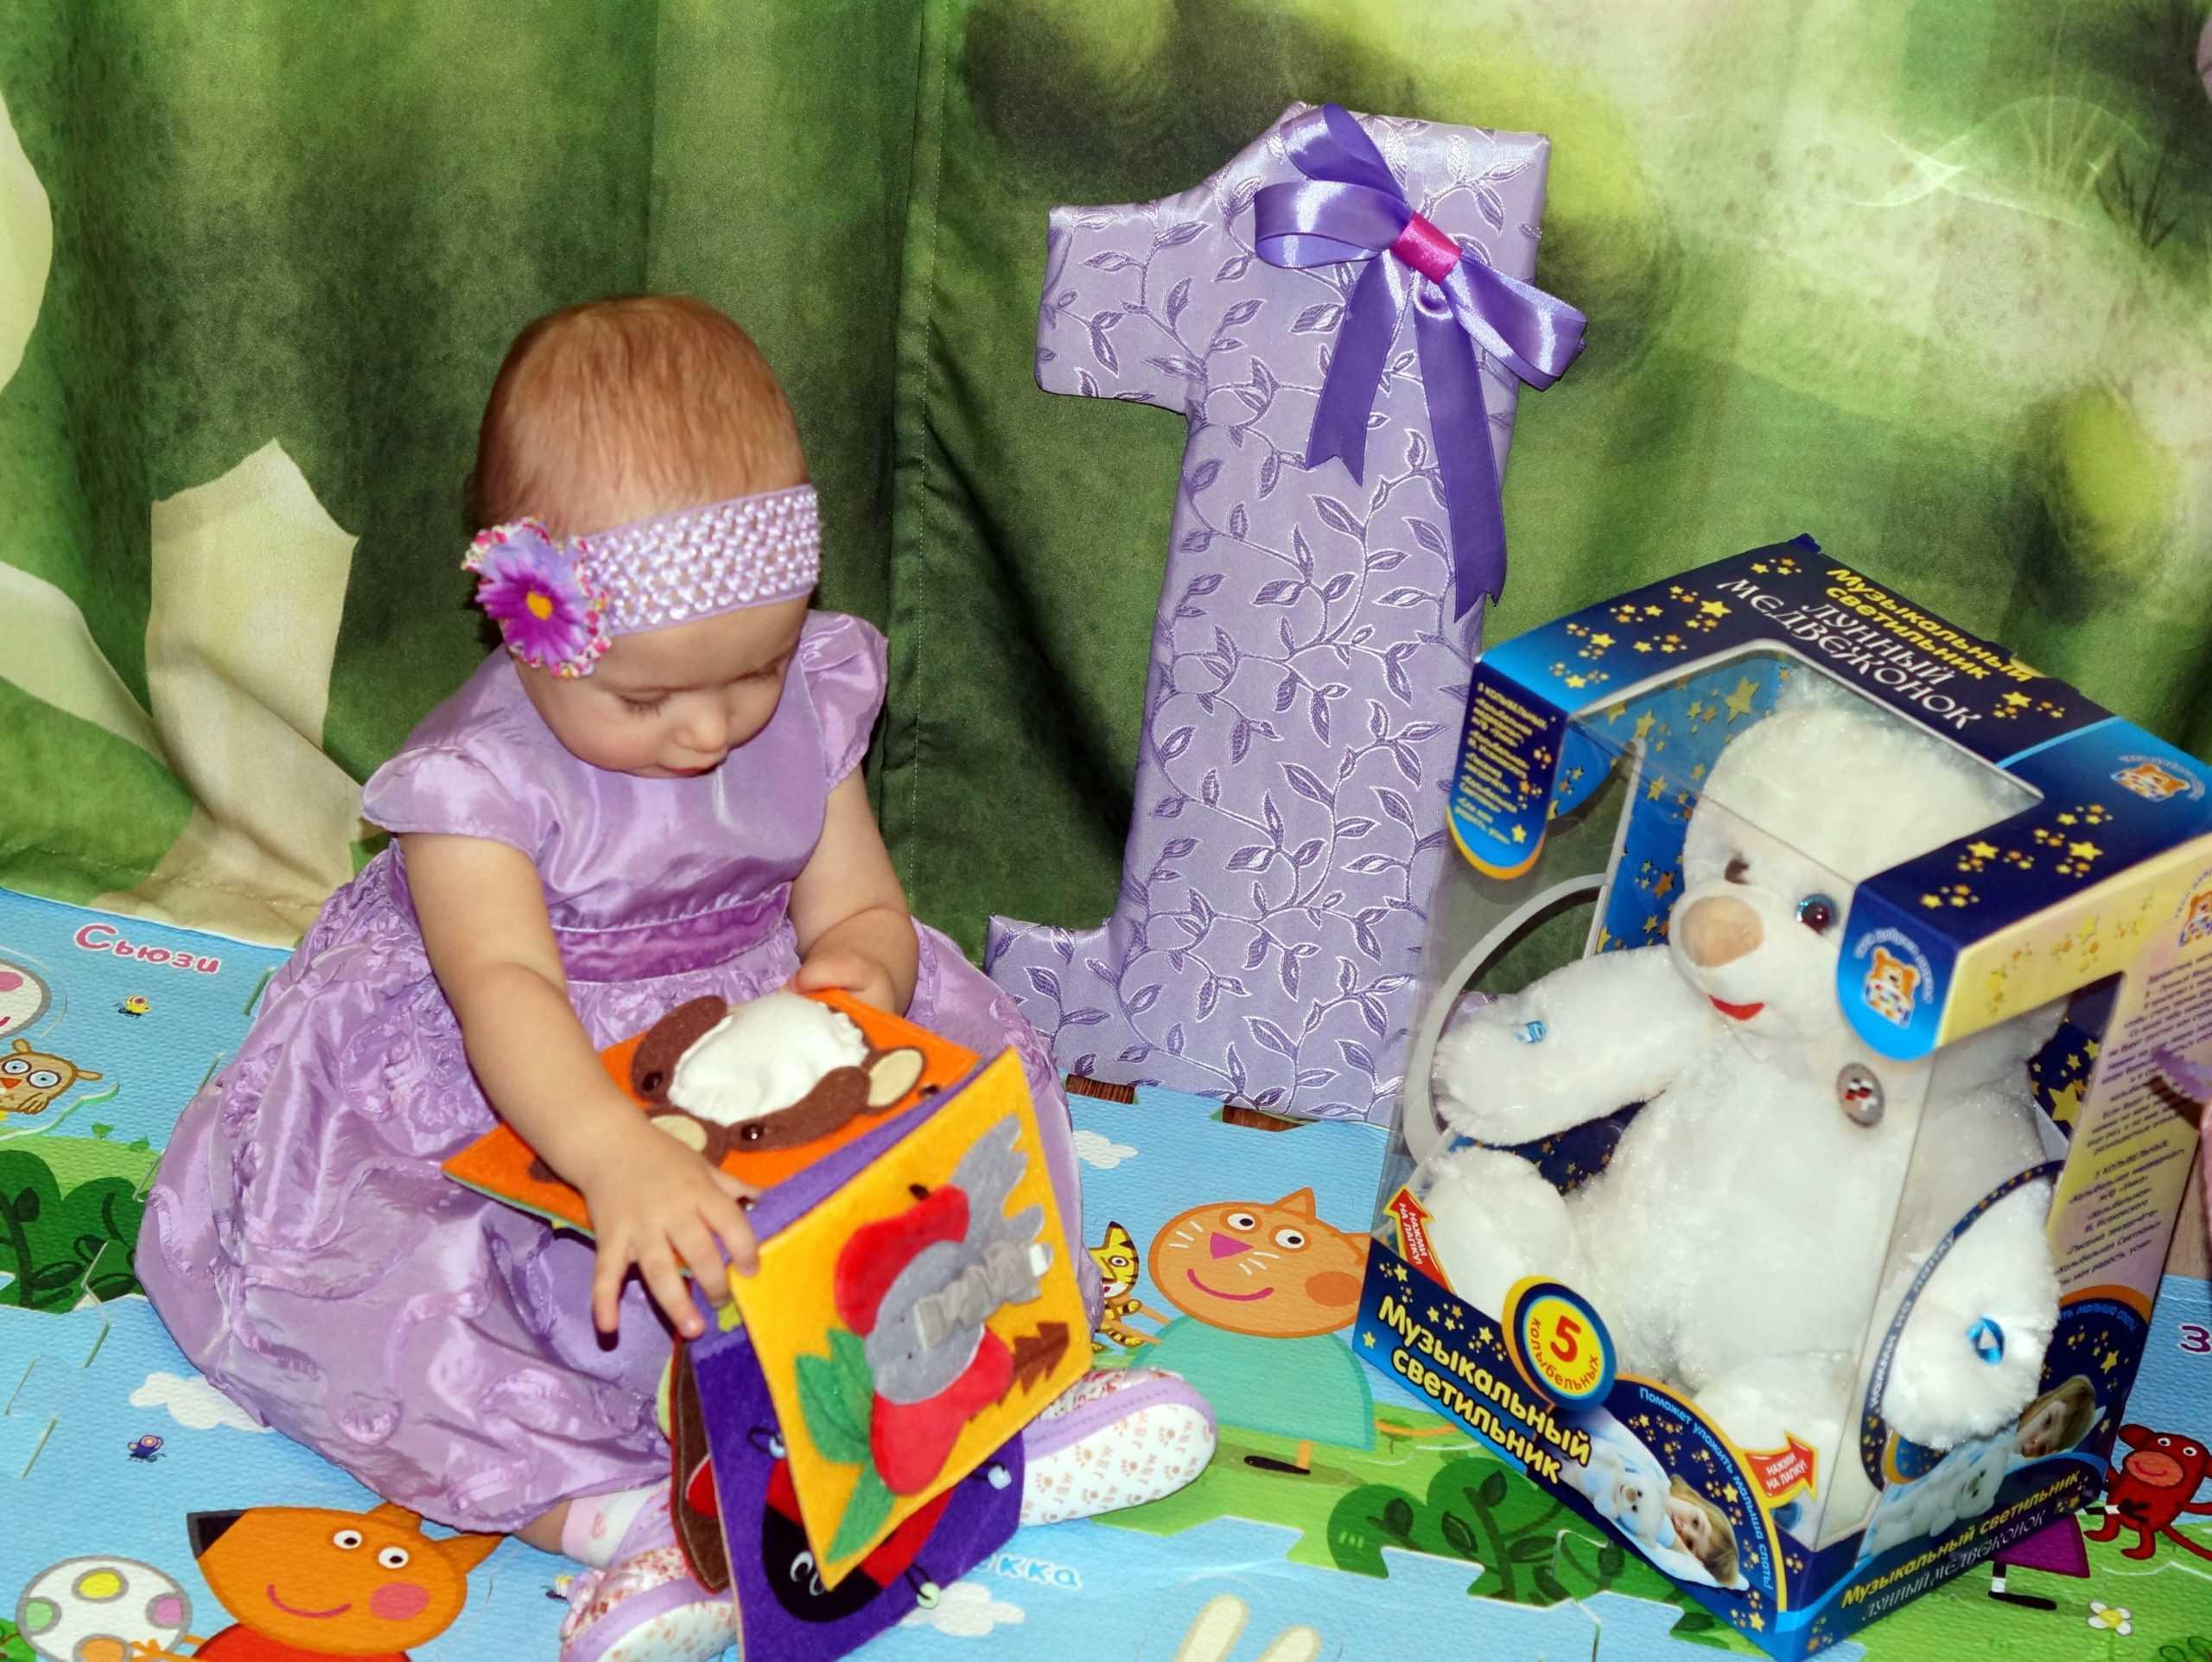 Что подарить девочке на 5 лет на день рождения?